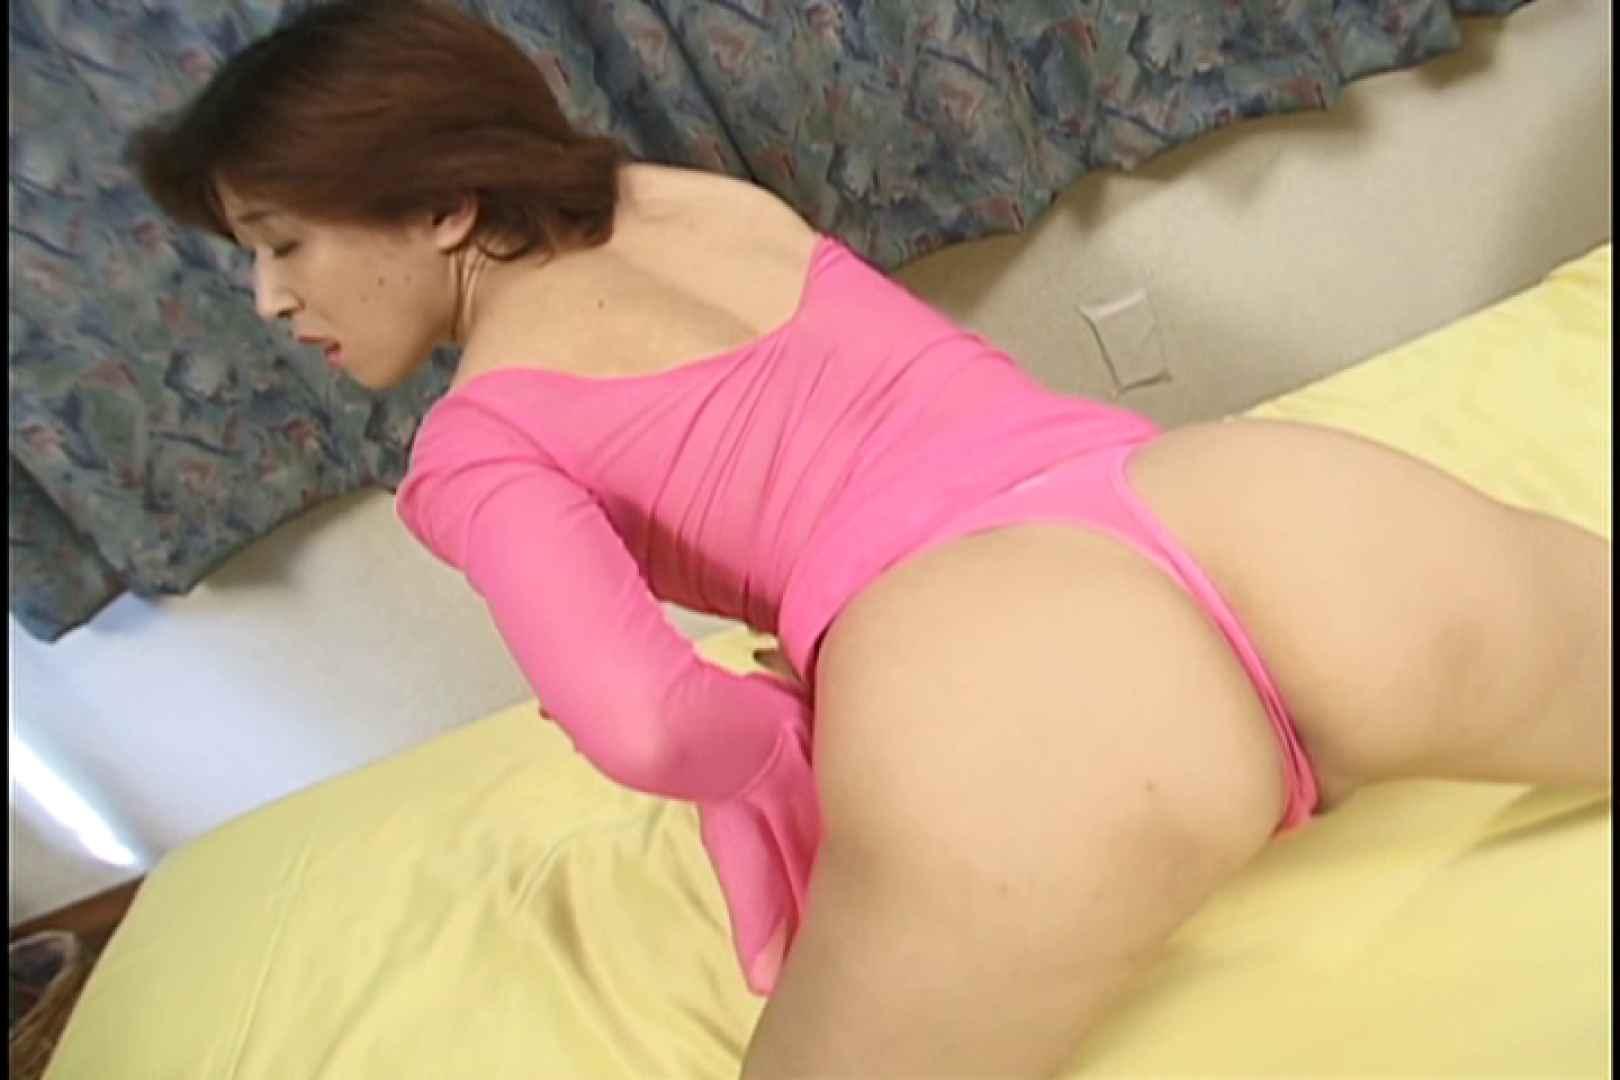 昼間の奥様は欲求不満 ~幸田みゆき~ 人妻  34連発 21